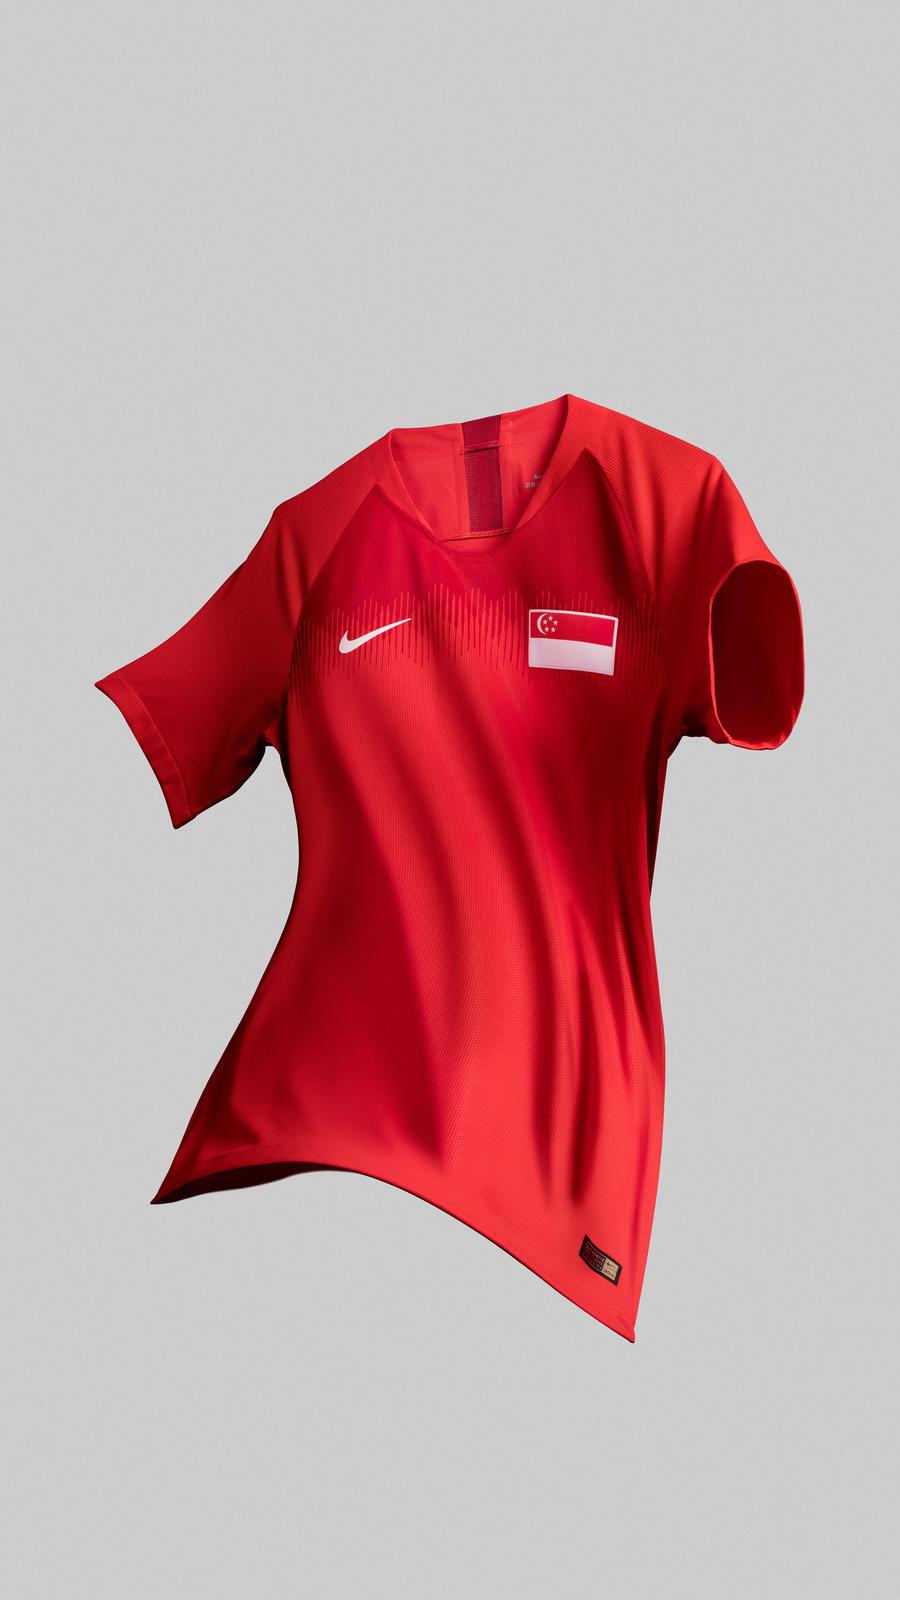 Singapore 2018 Nike Kit - Dream League Soccer Kits